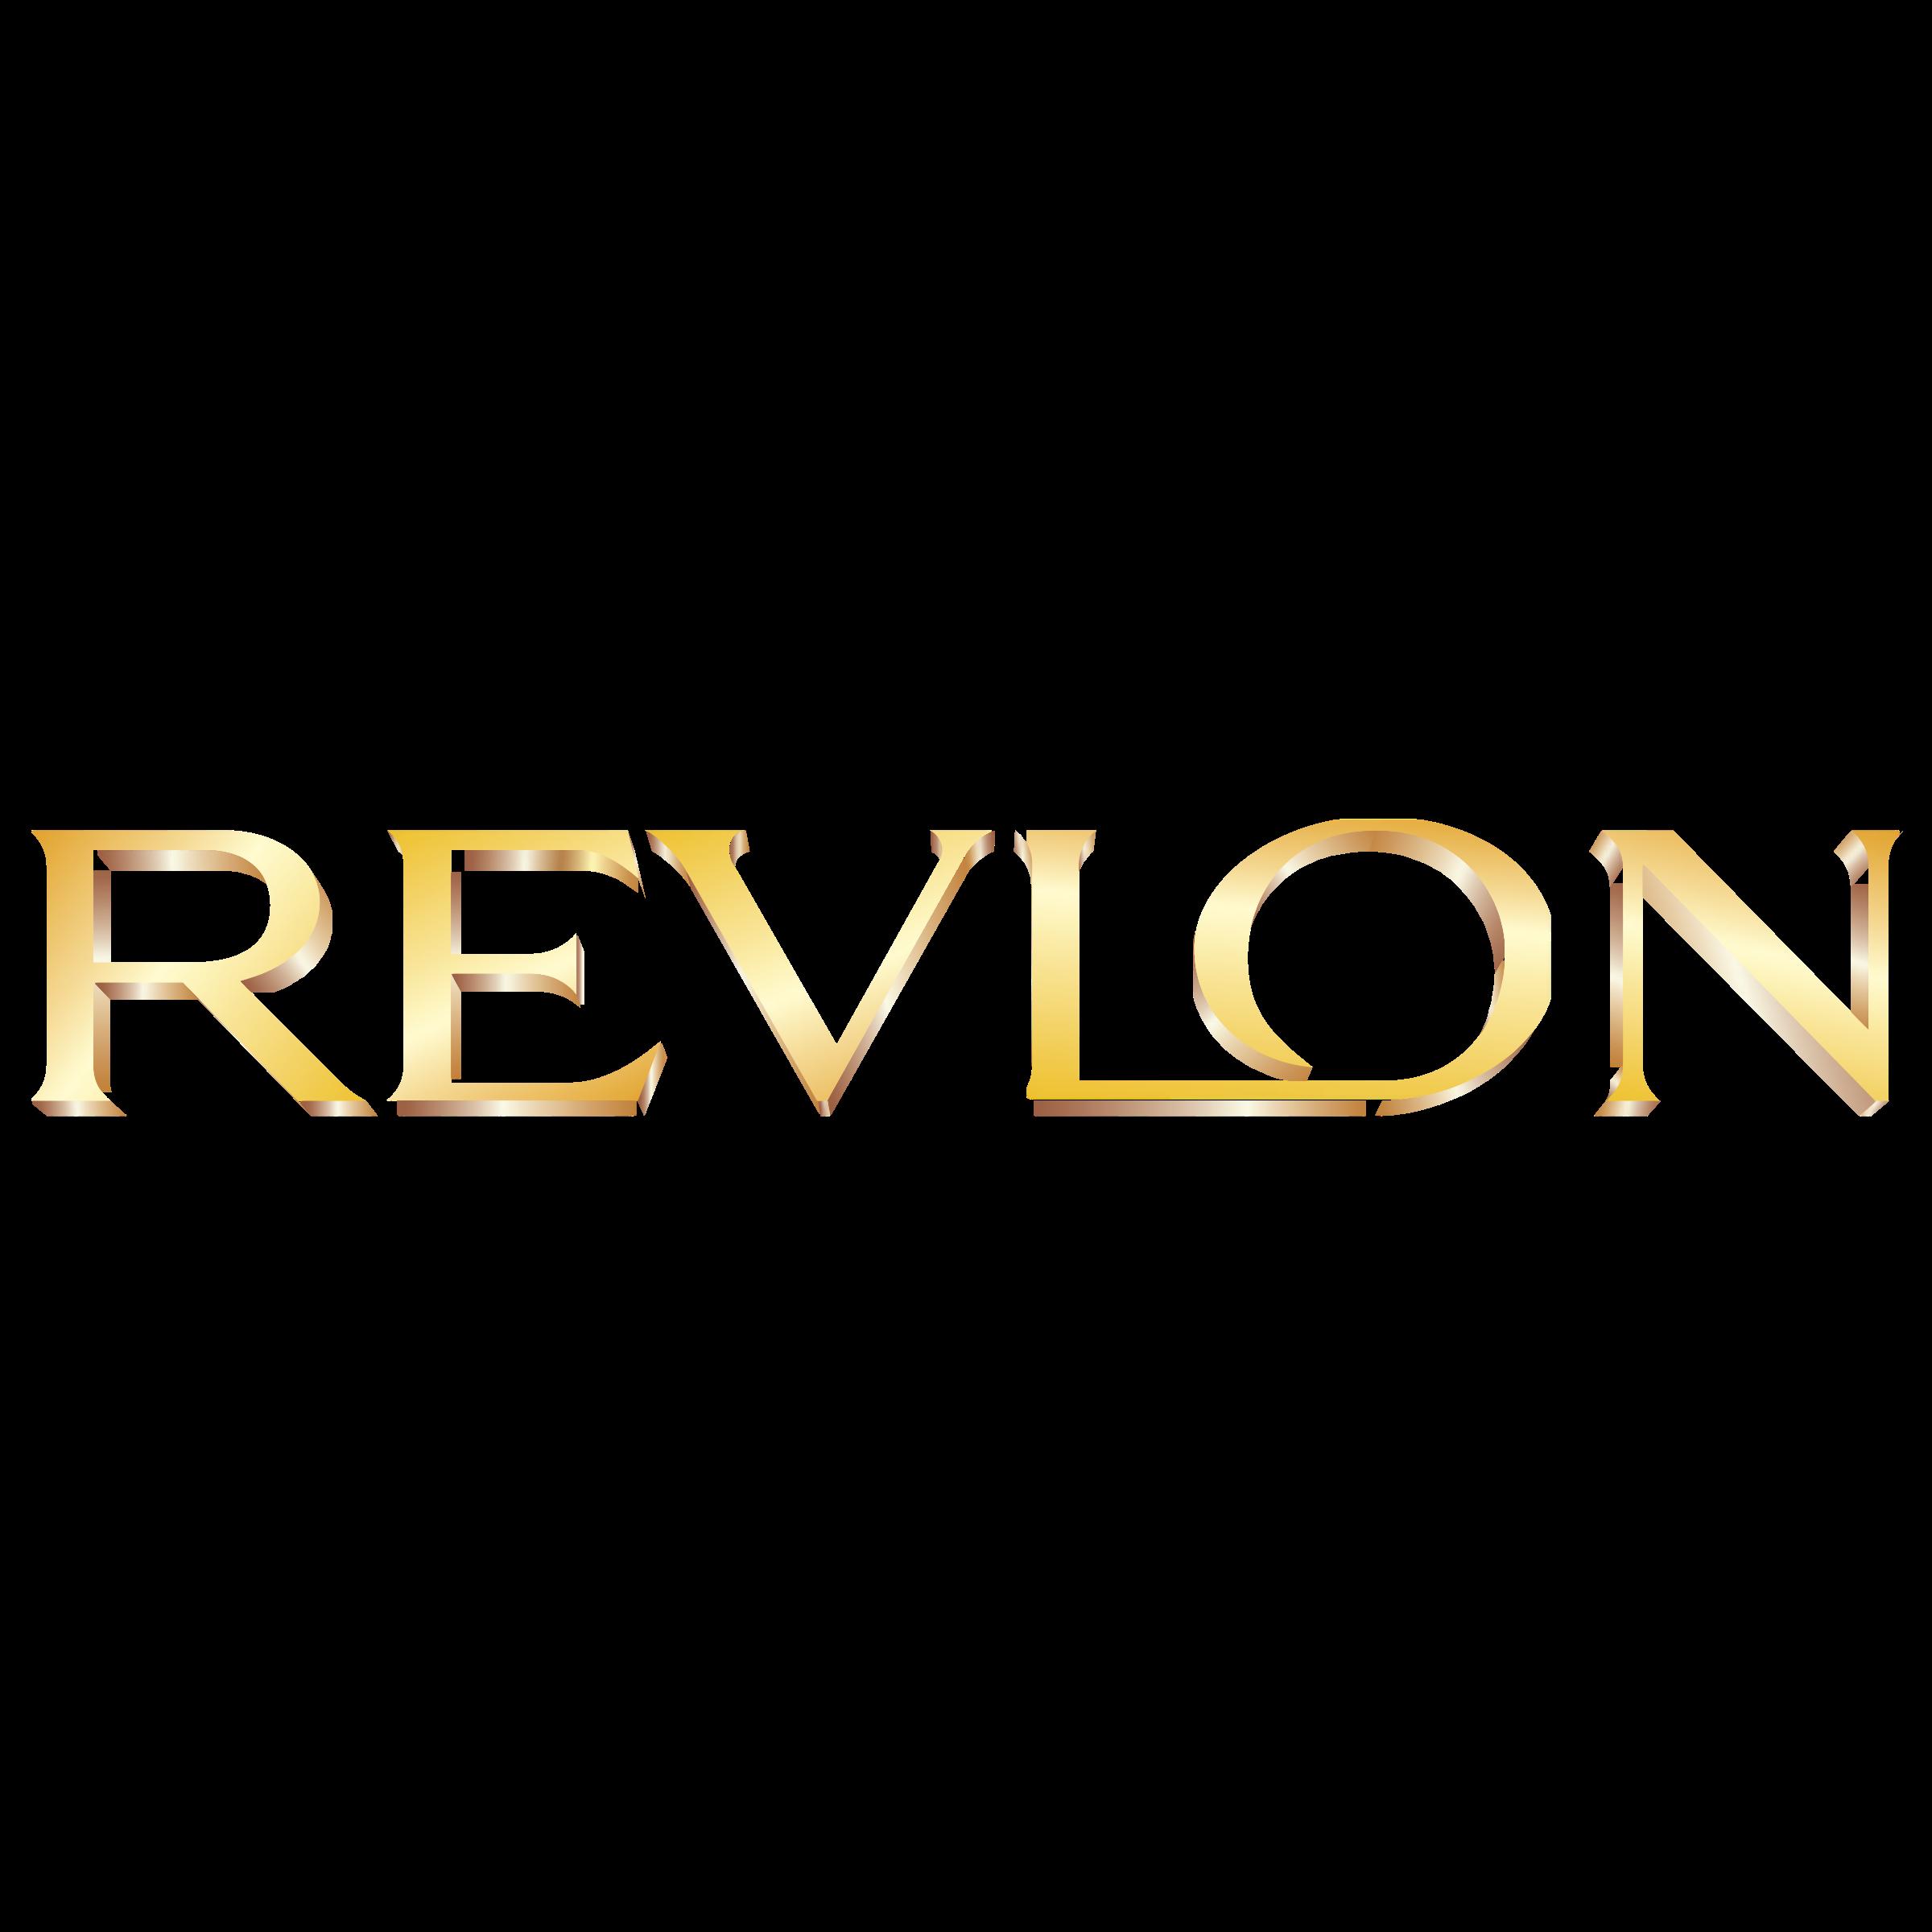 revlon logo png transparent svg vector freebie supply rh freebiesupply com revlon logo vector revlon logo png